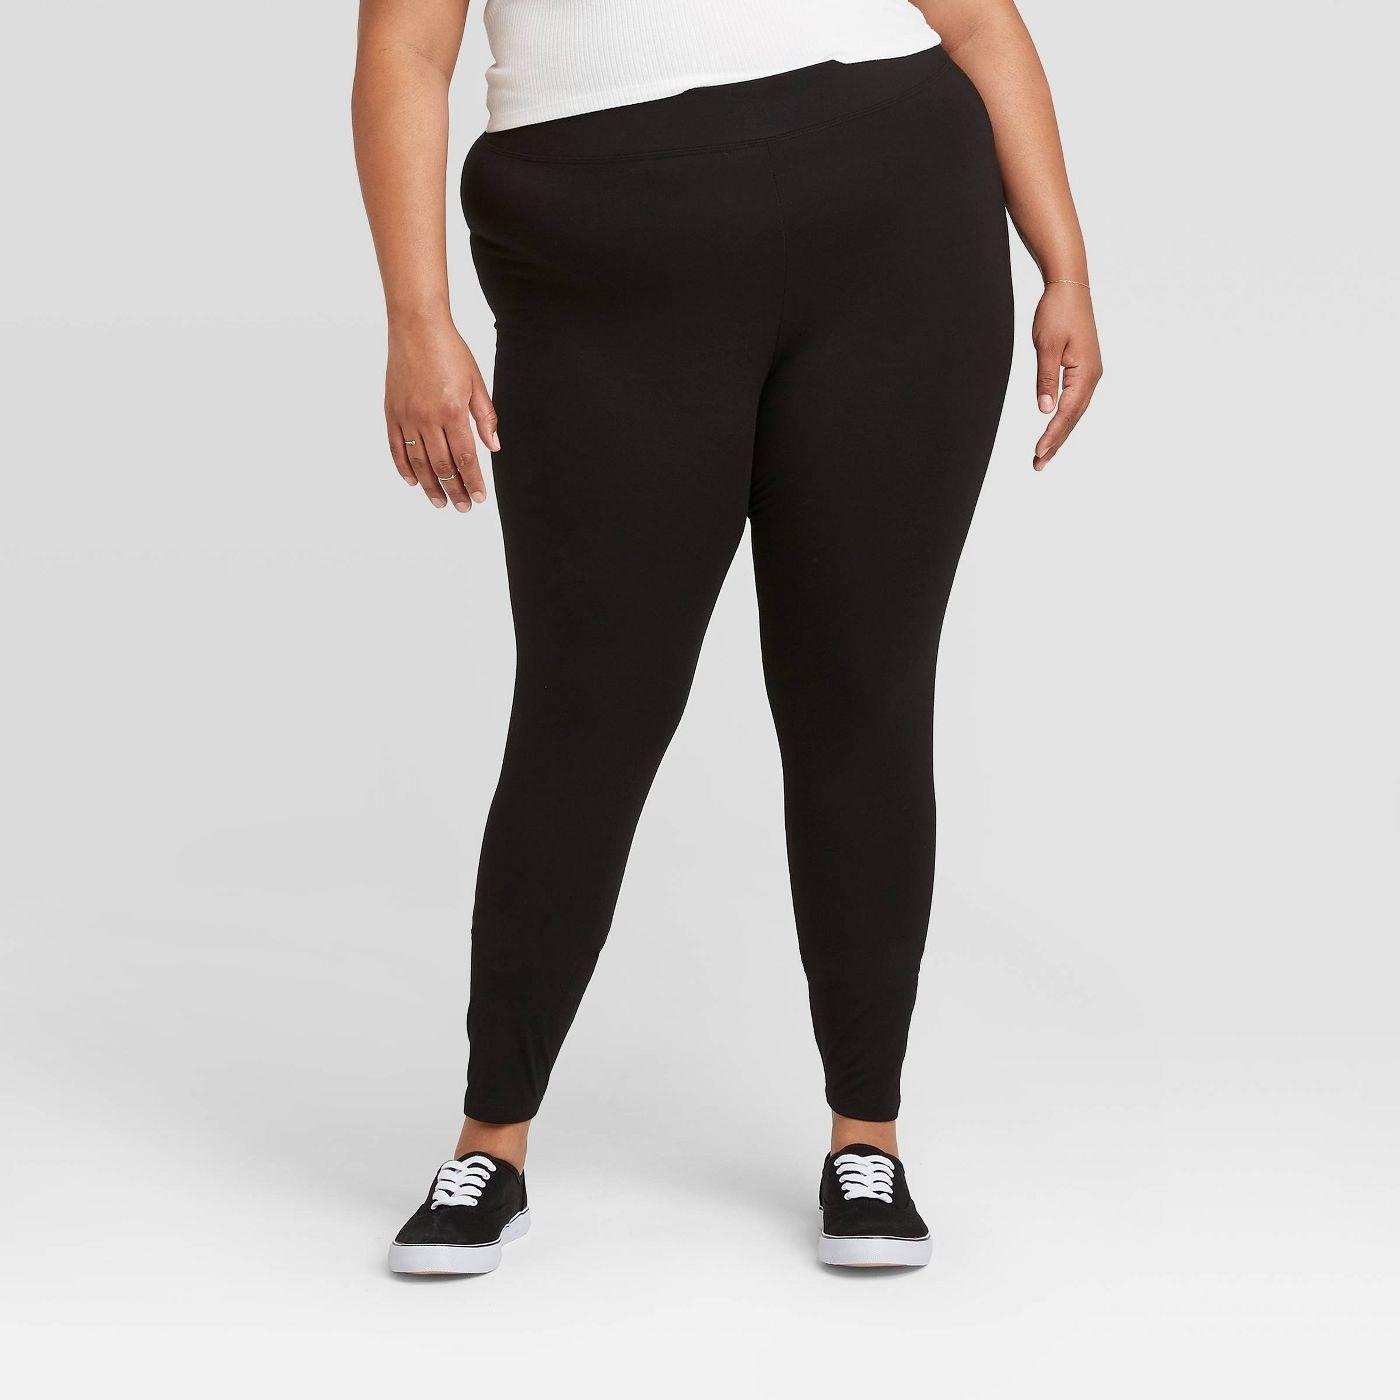 Model in high-waisted black leggings